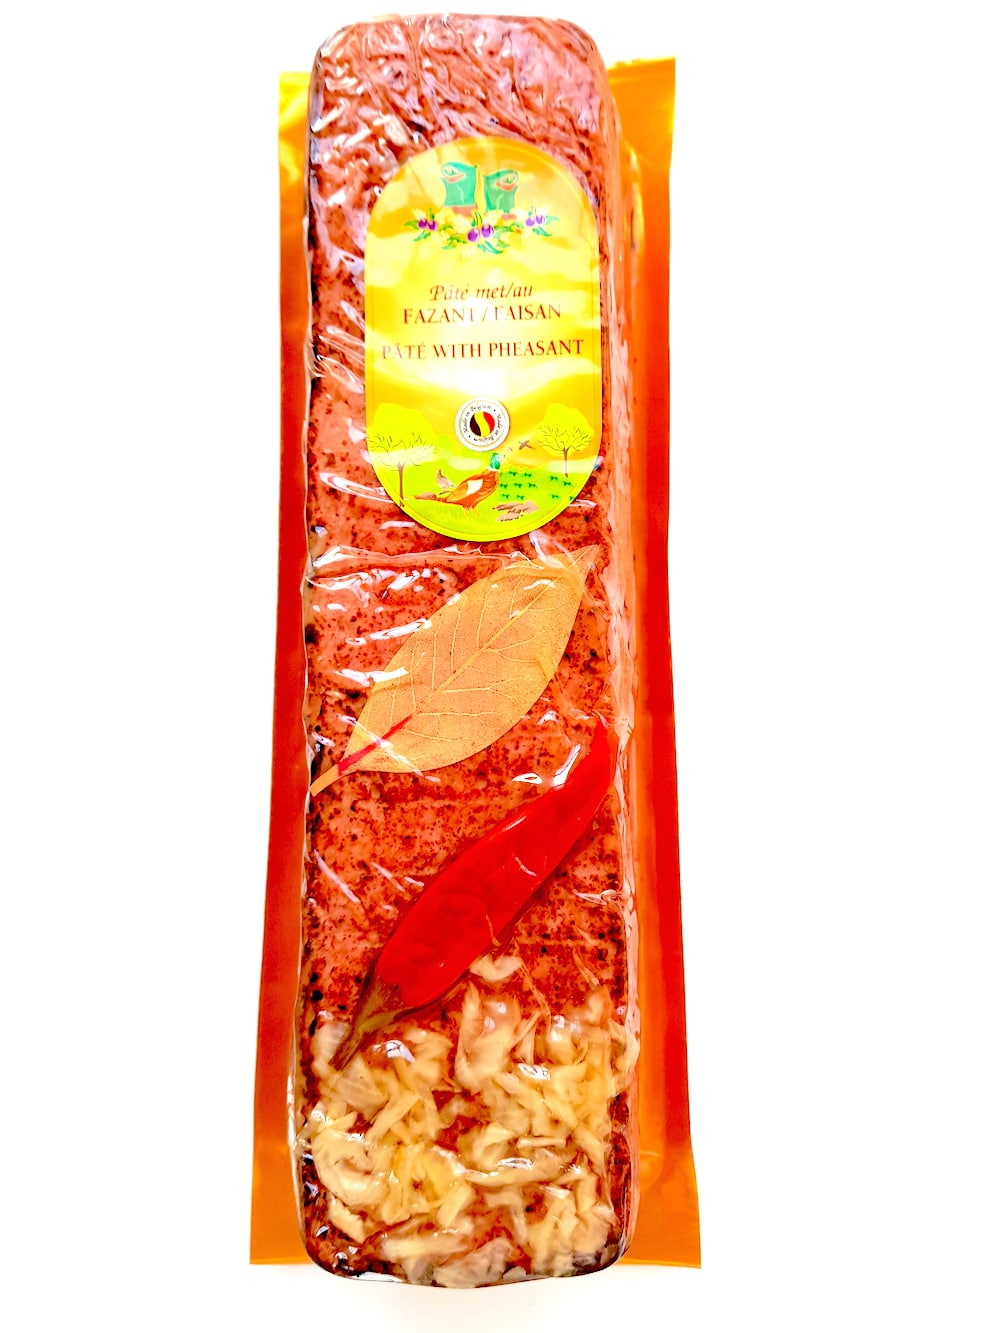 Fazantenpate met Armagnac